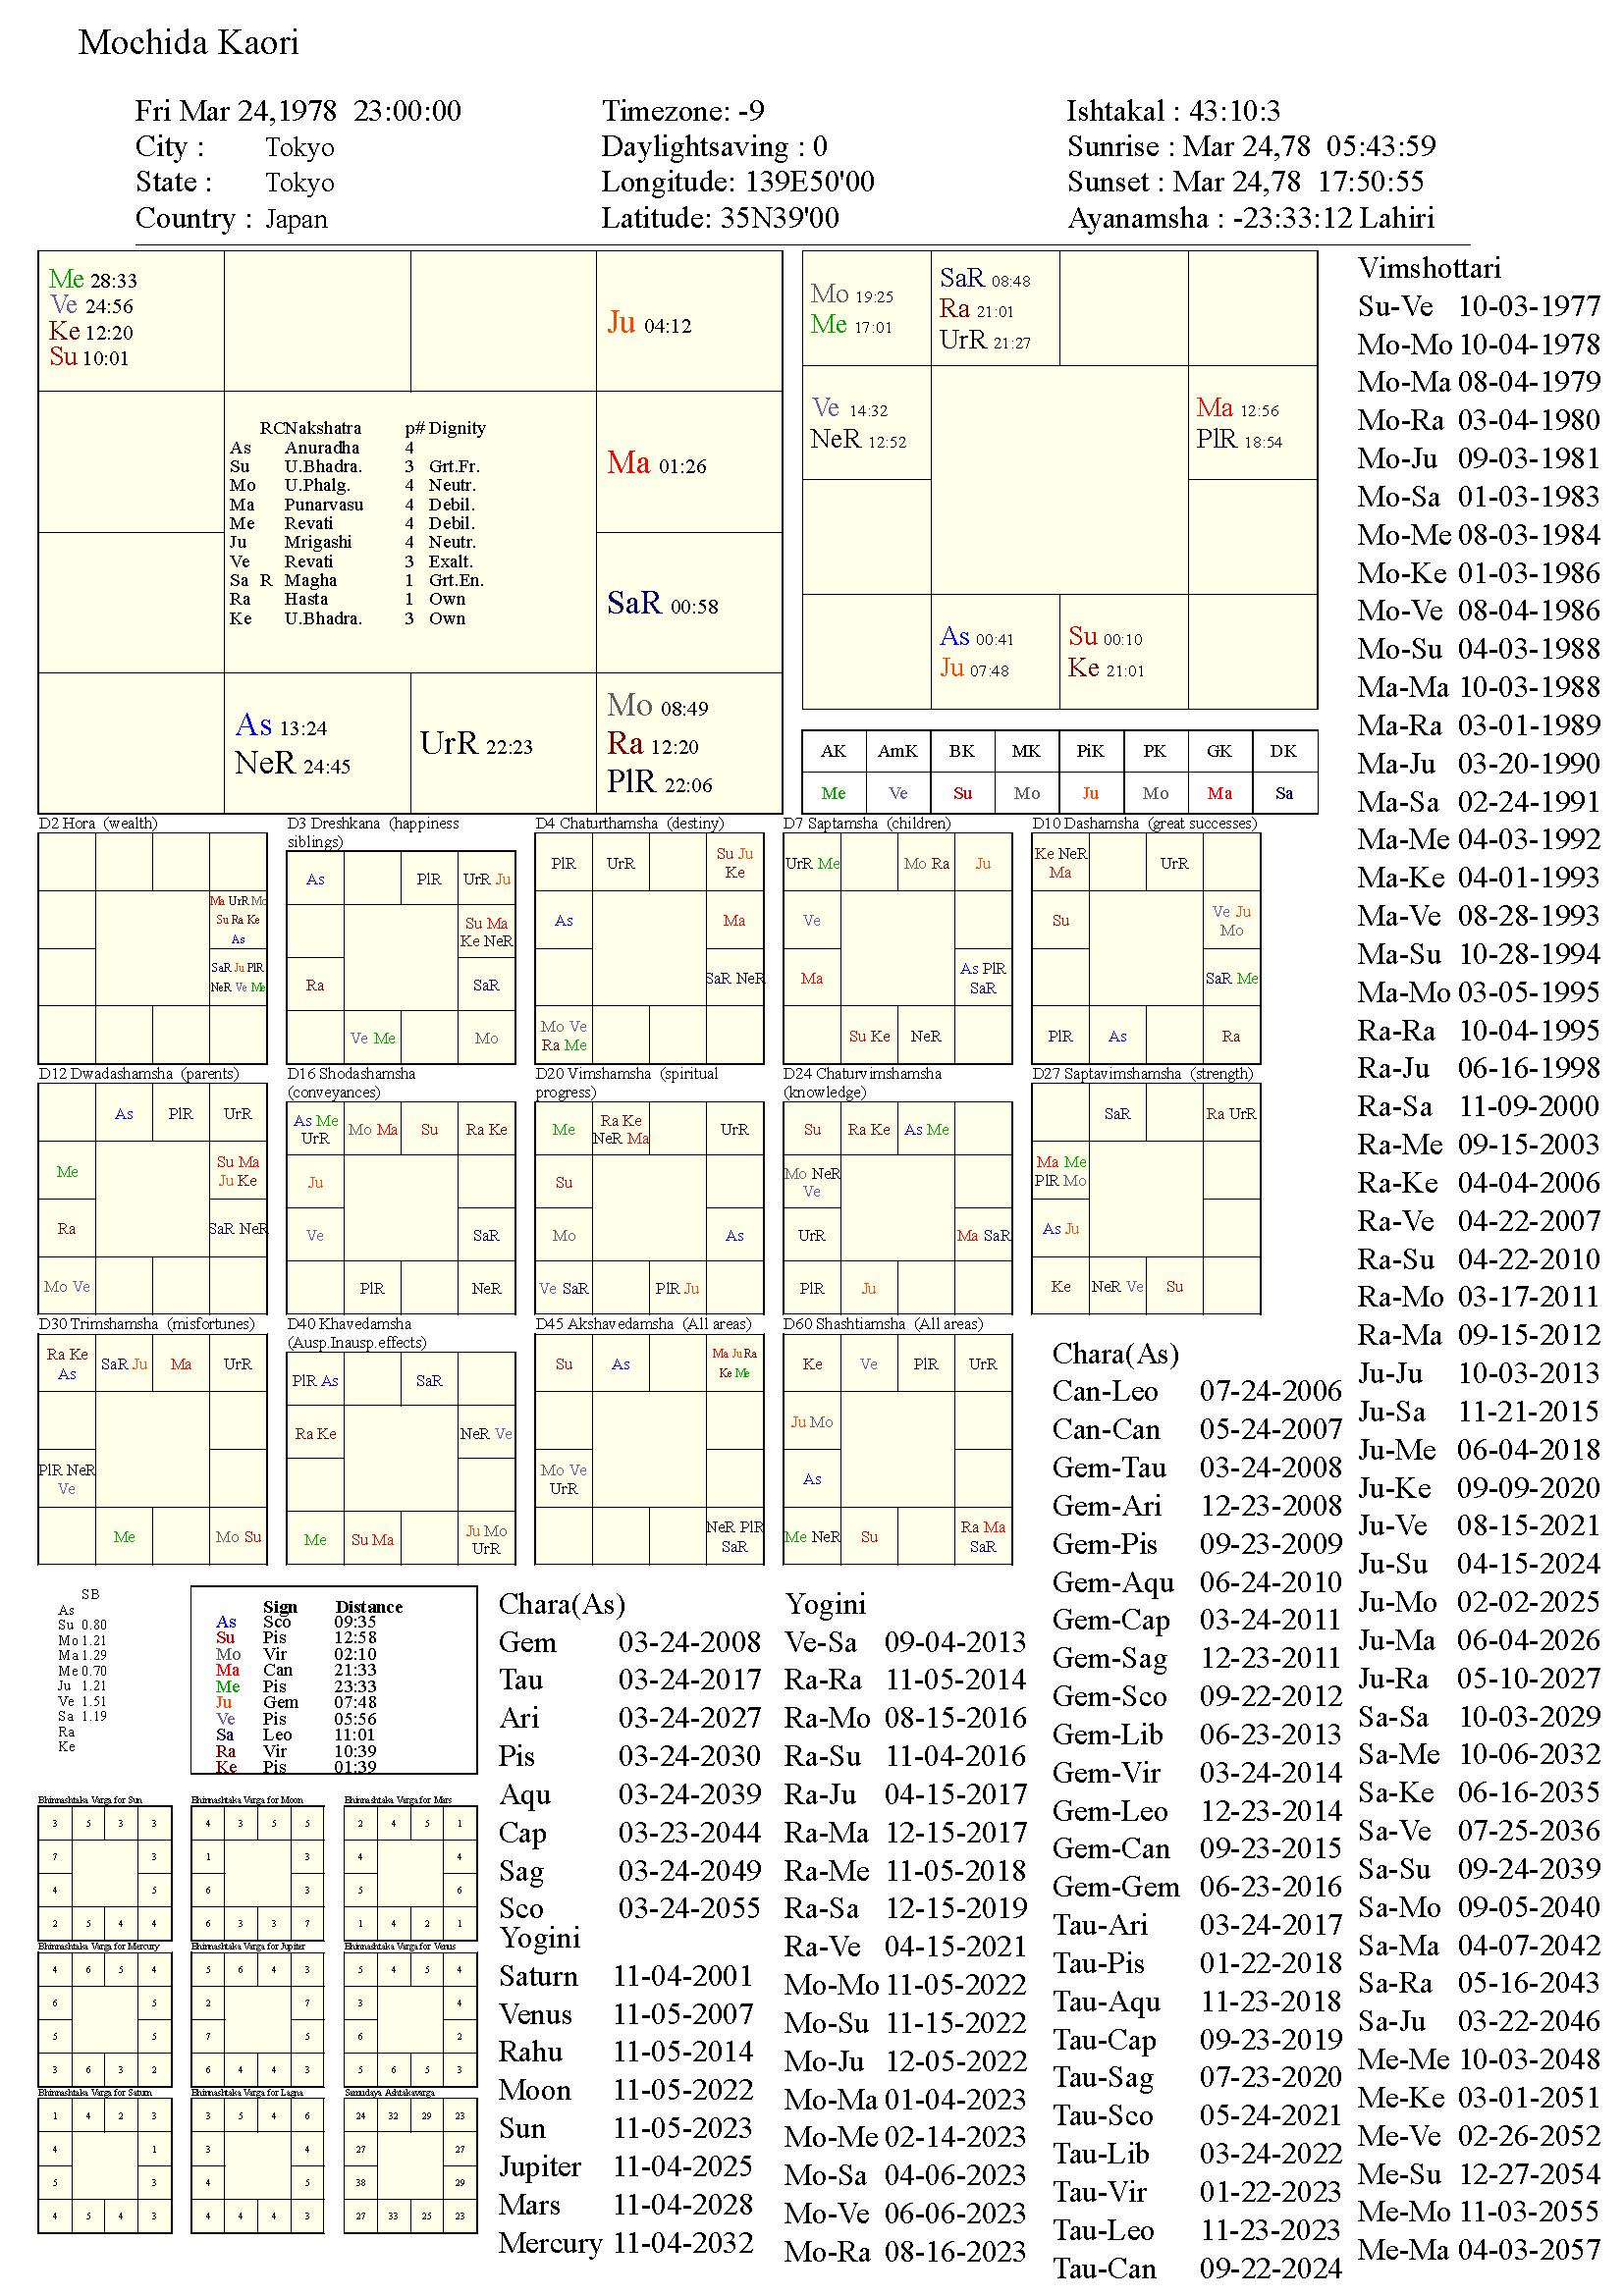 mochidakaori_chart